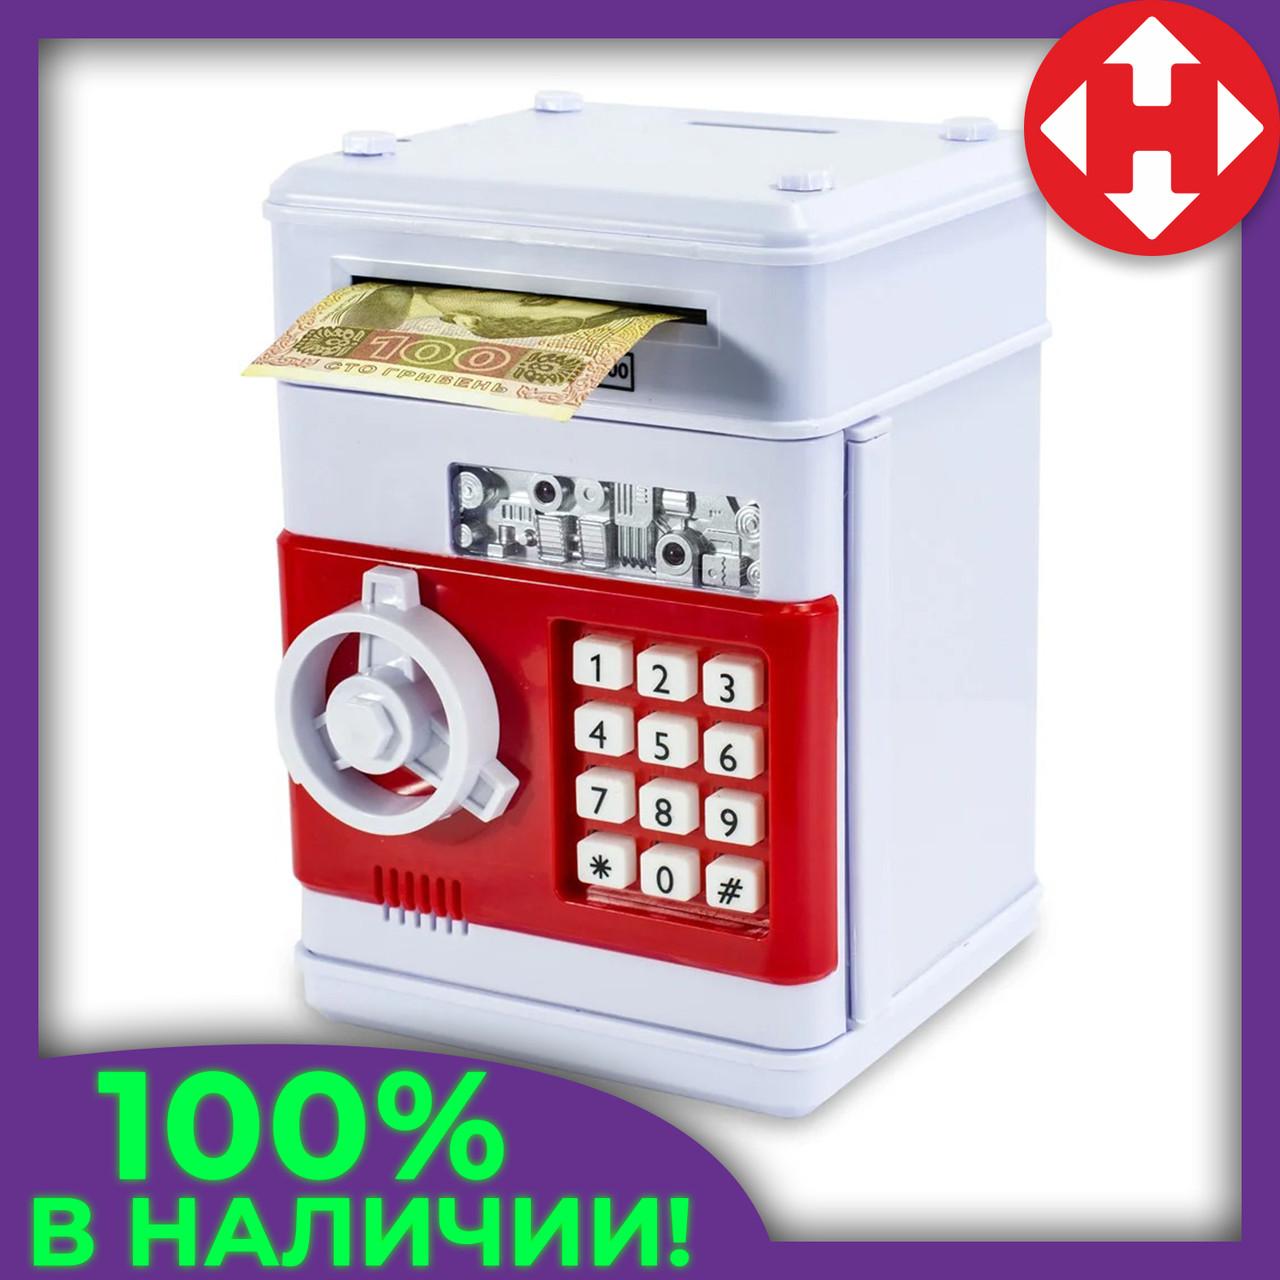 Распродажа! Сейф-копилка для детей детская (Красно-белый корпус, круглая белая ручка, белые кнопки)